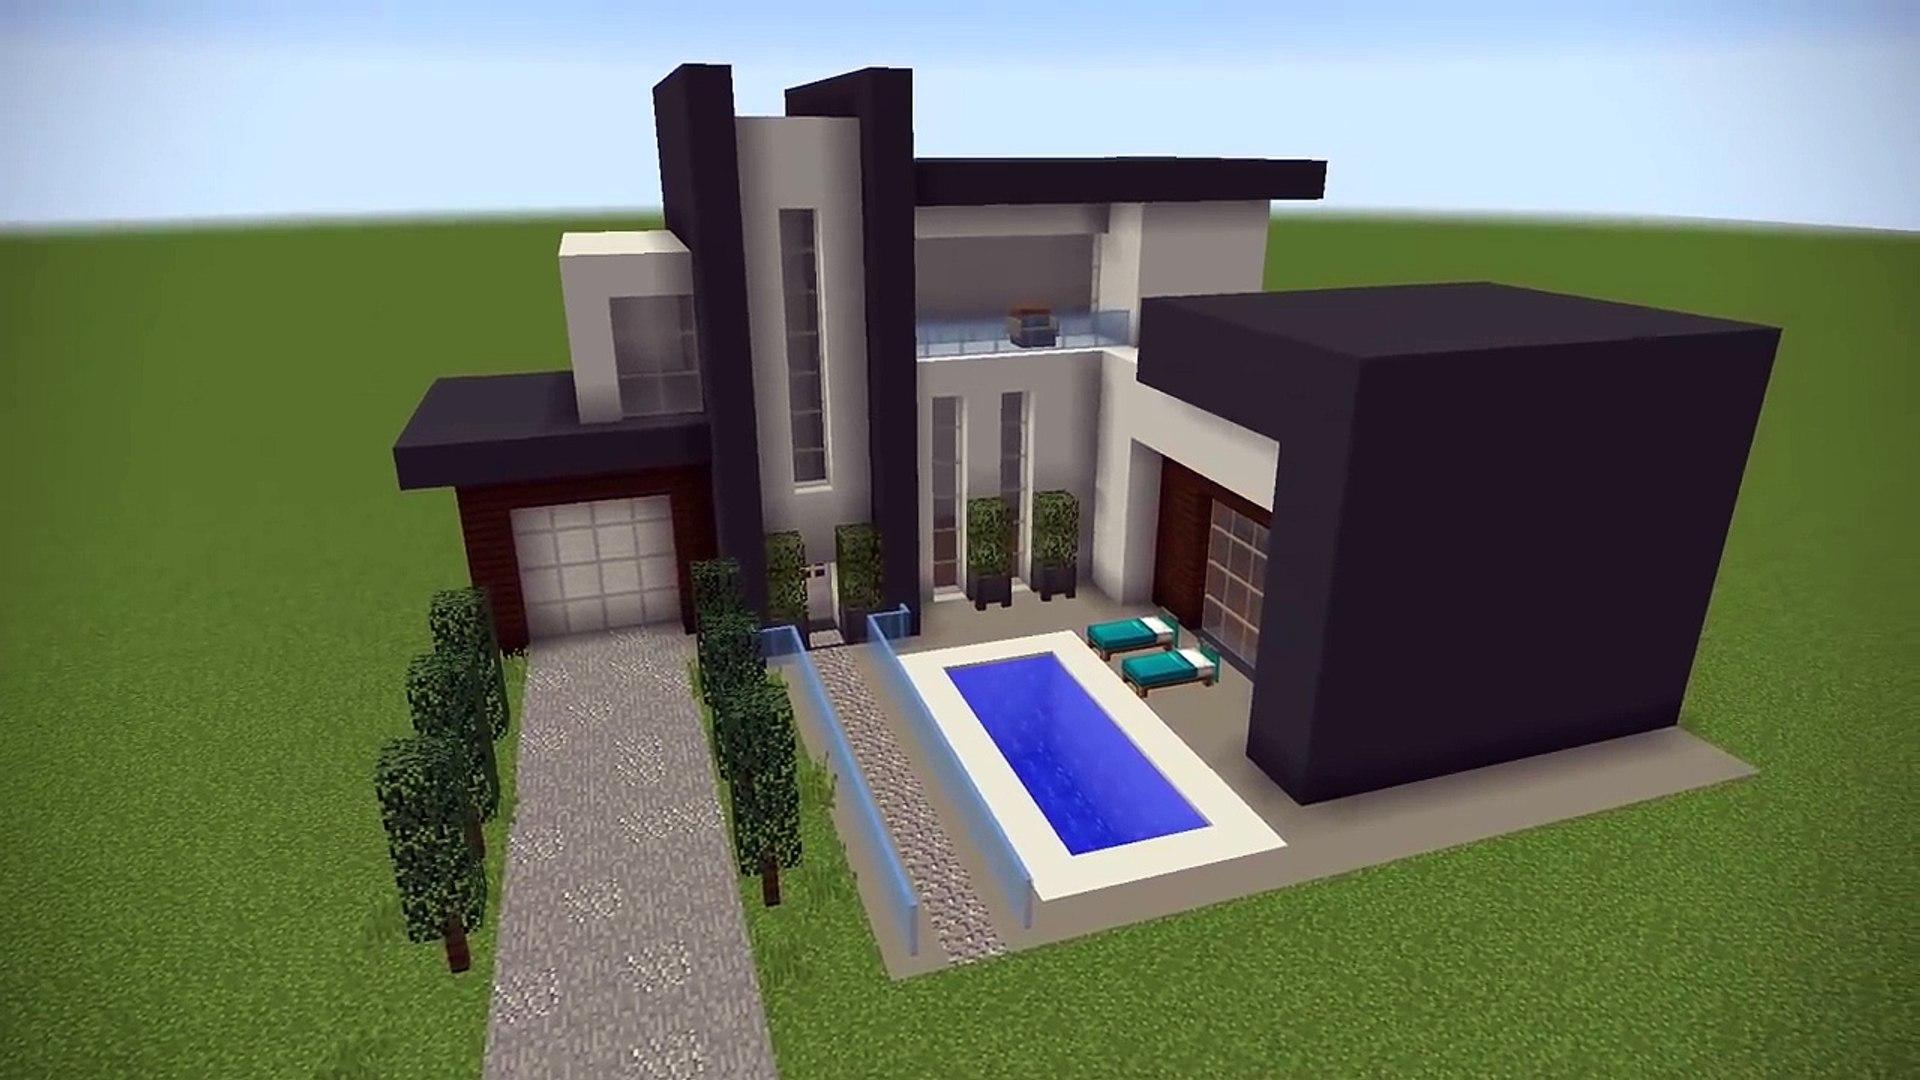 12 Easy Steps To Make A Minecraft Modern House - Vidéo Dailymotion